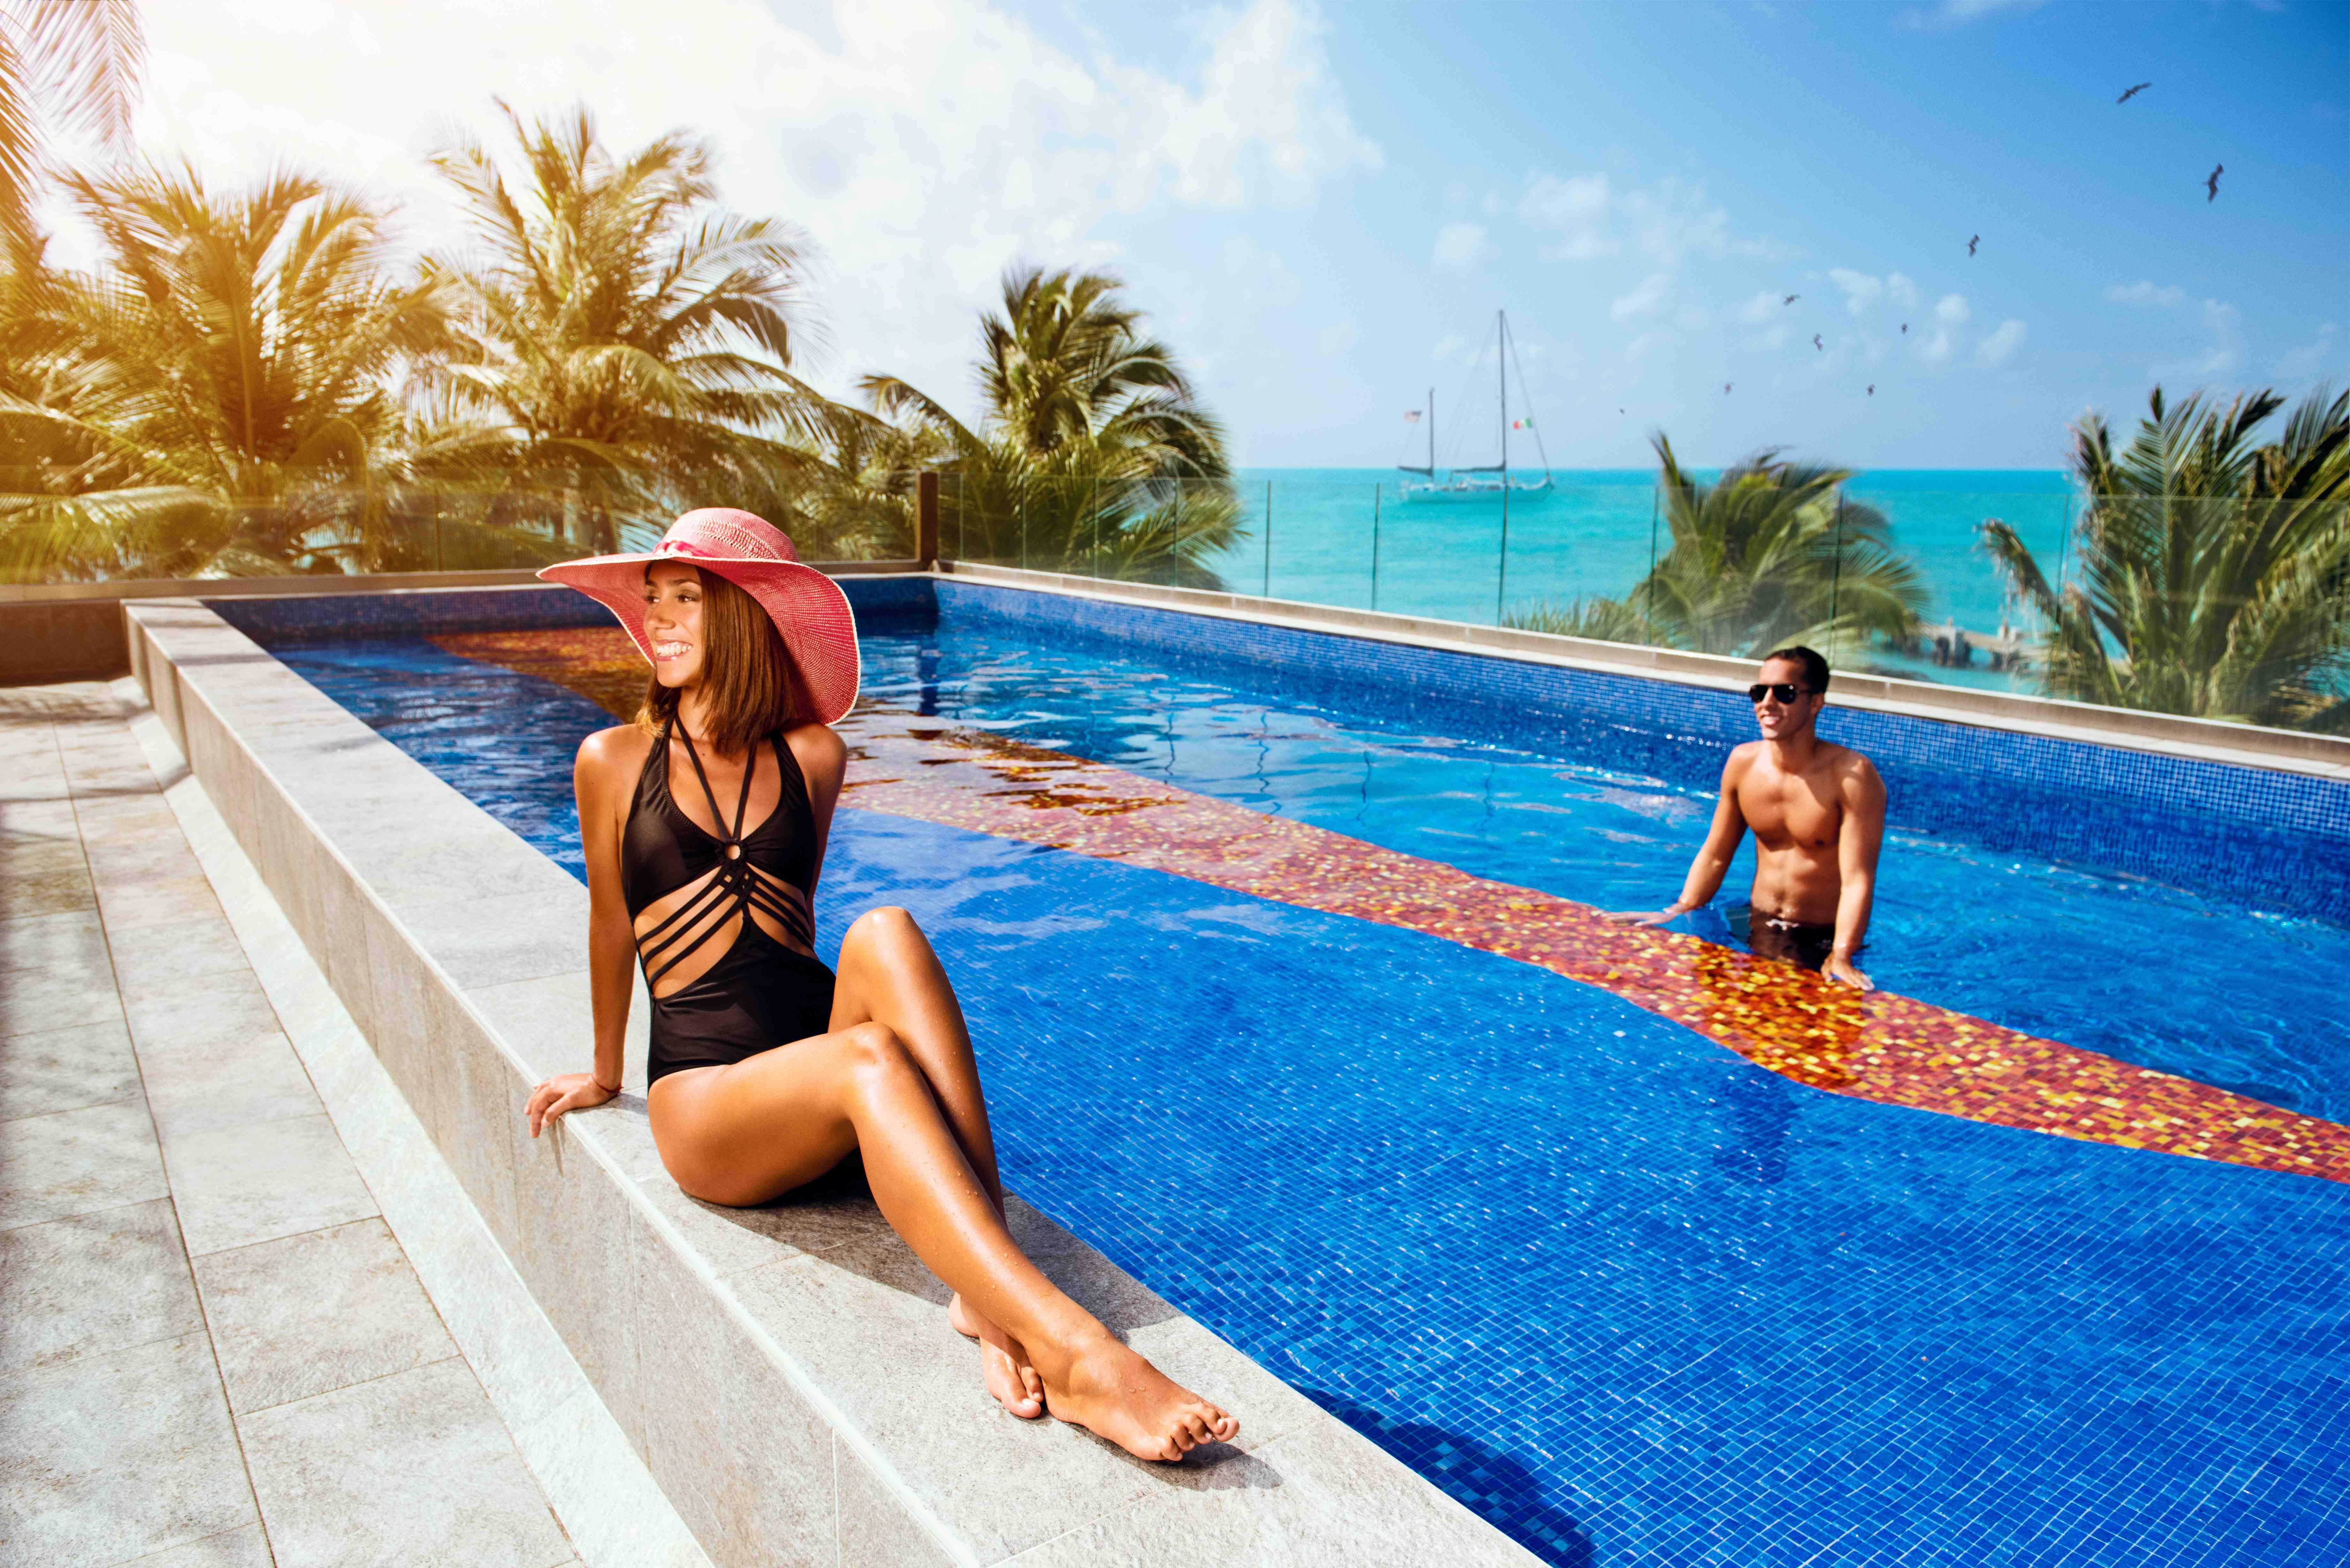 Royal Garrafon Vip - Last Minute Tours in Cancún and Riviera Maya